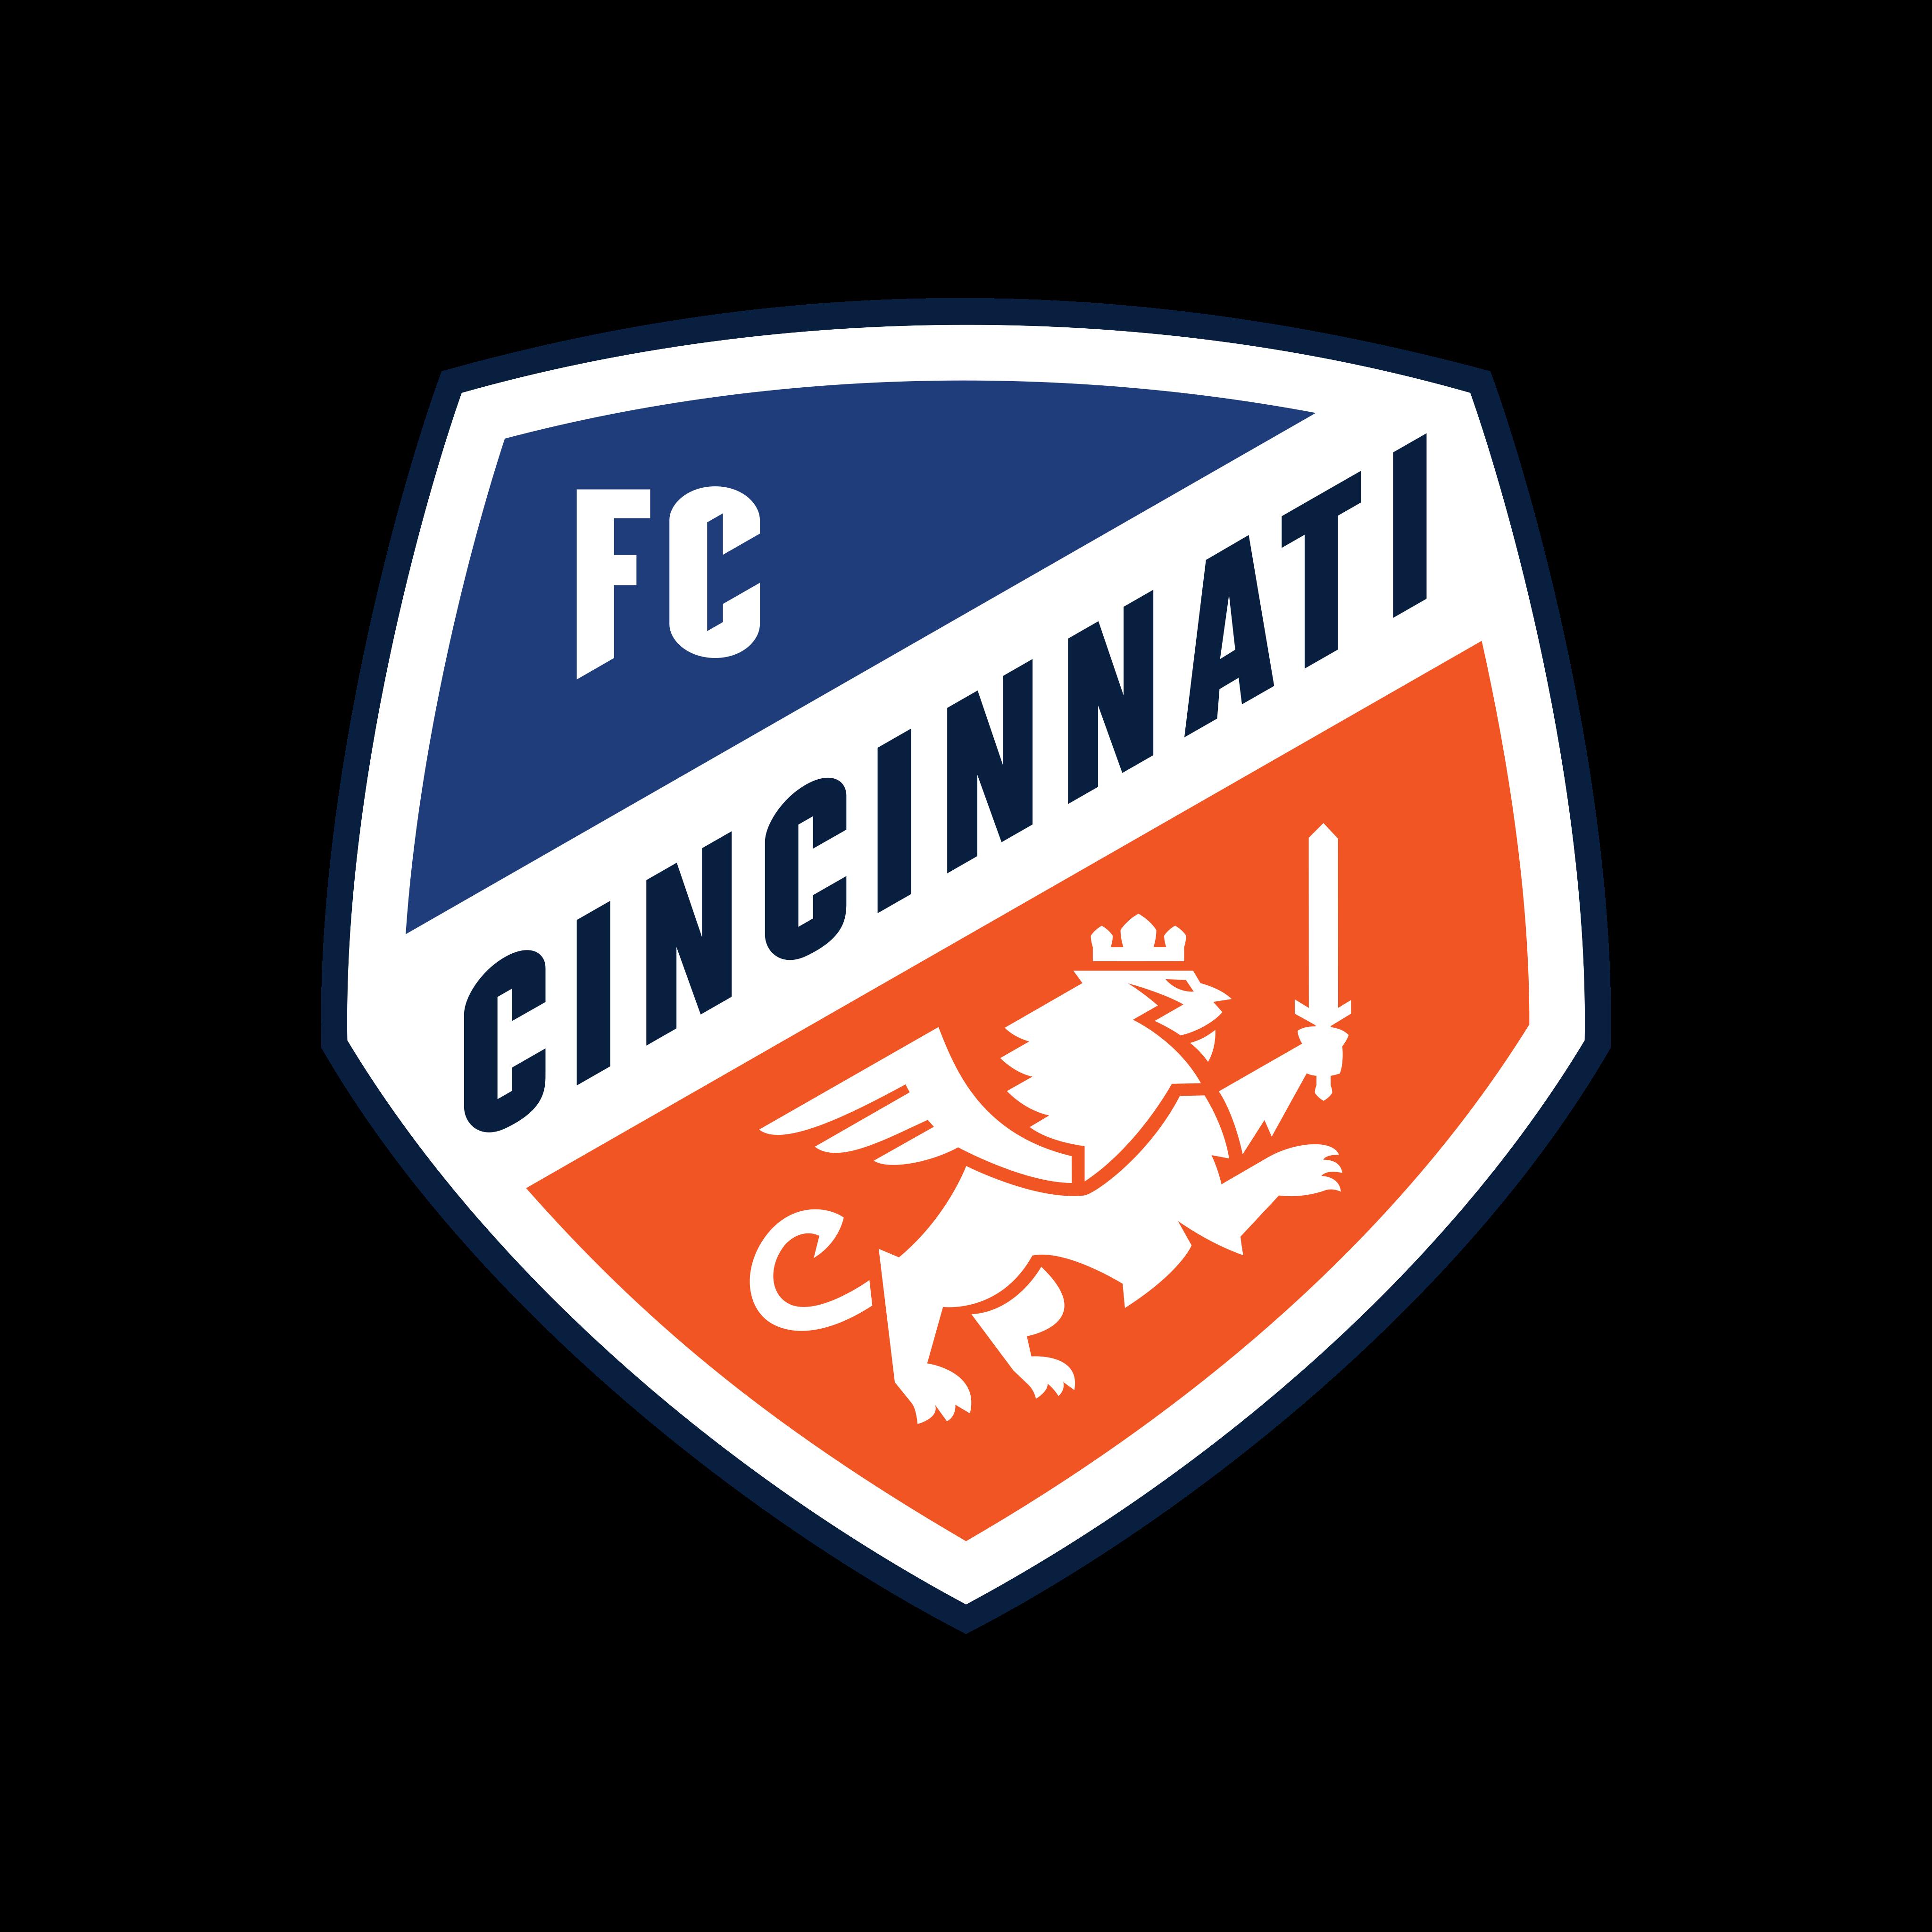 fc cincinnati logo 0 - FC Cincinnati Logo